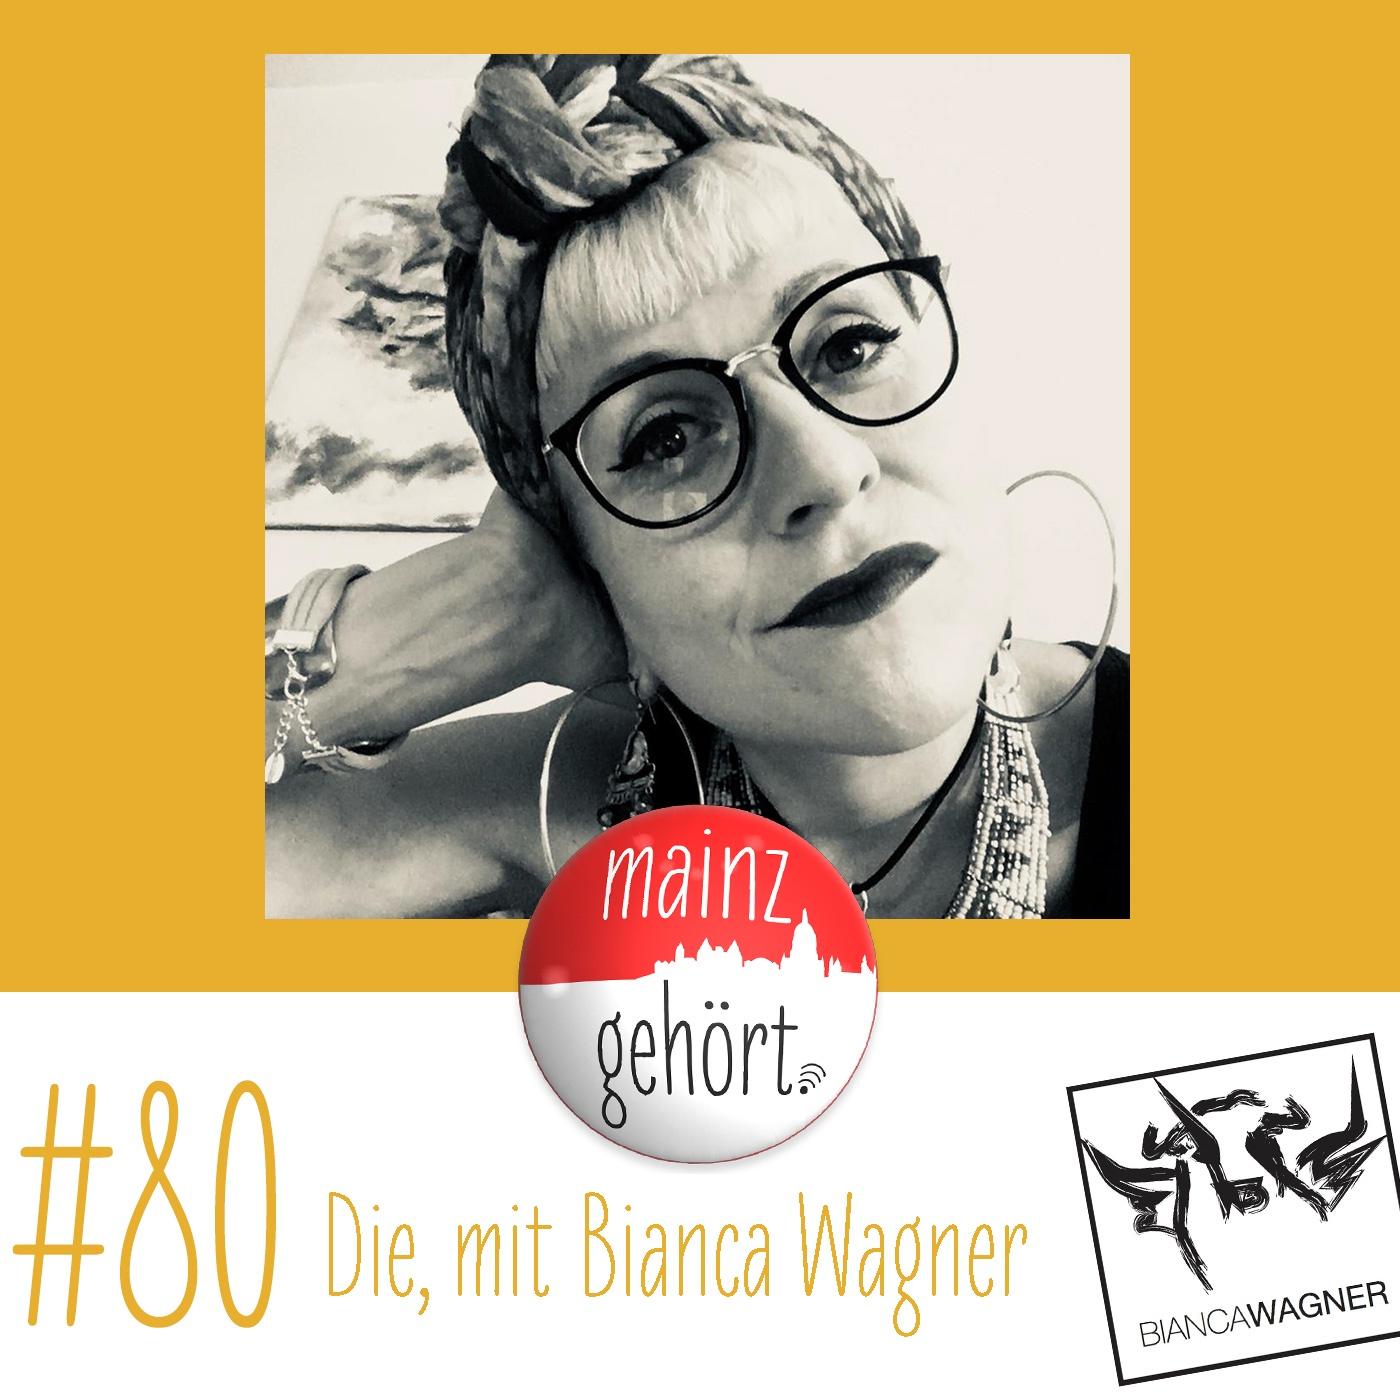 #80 Die, mit Bianca Wagner